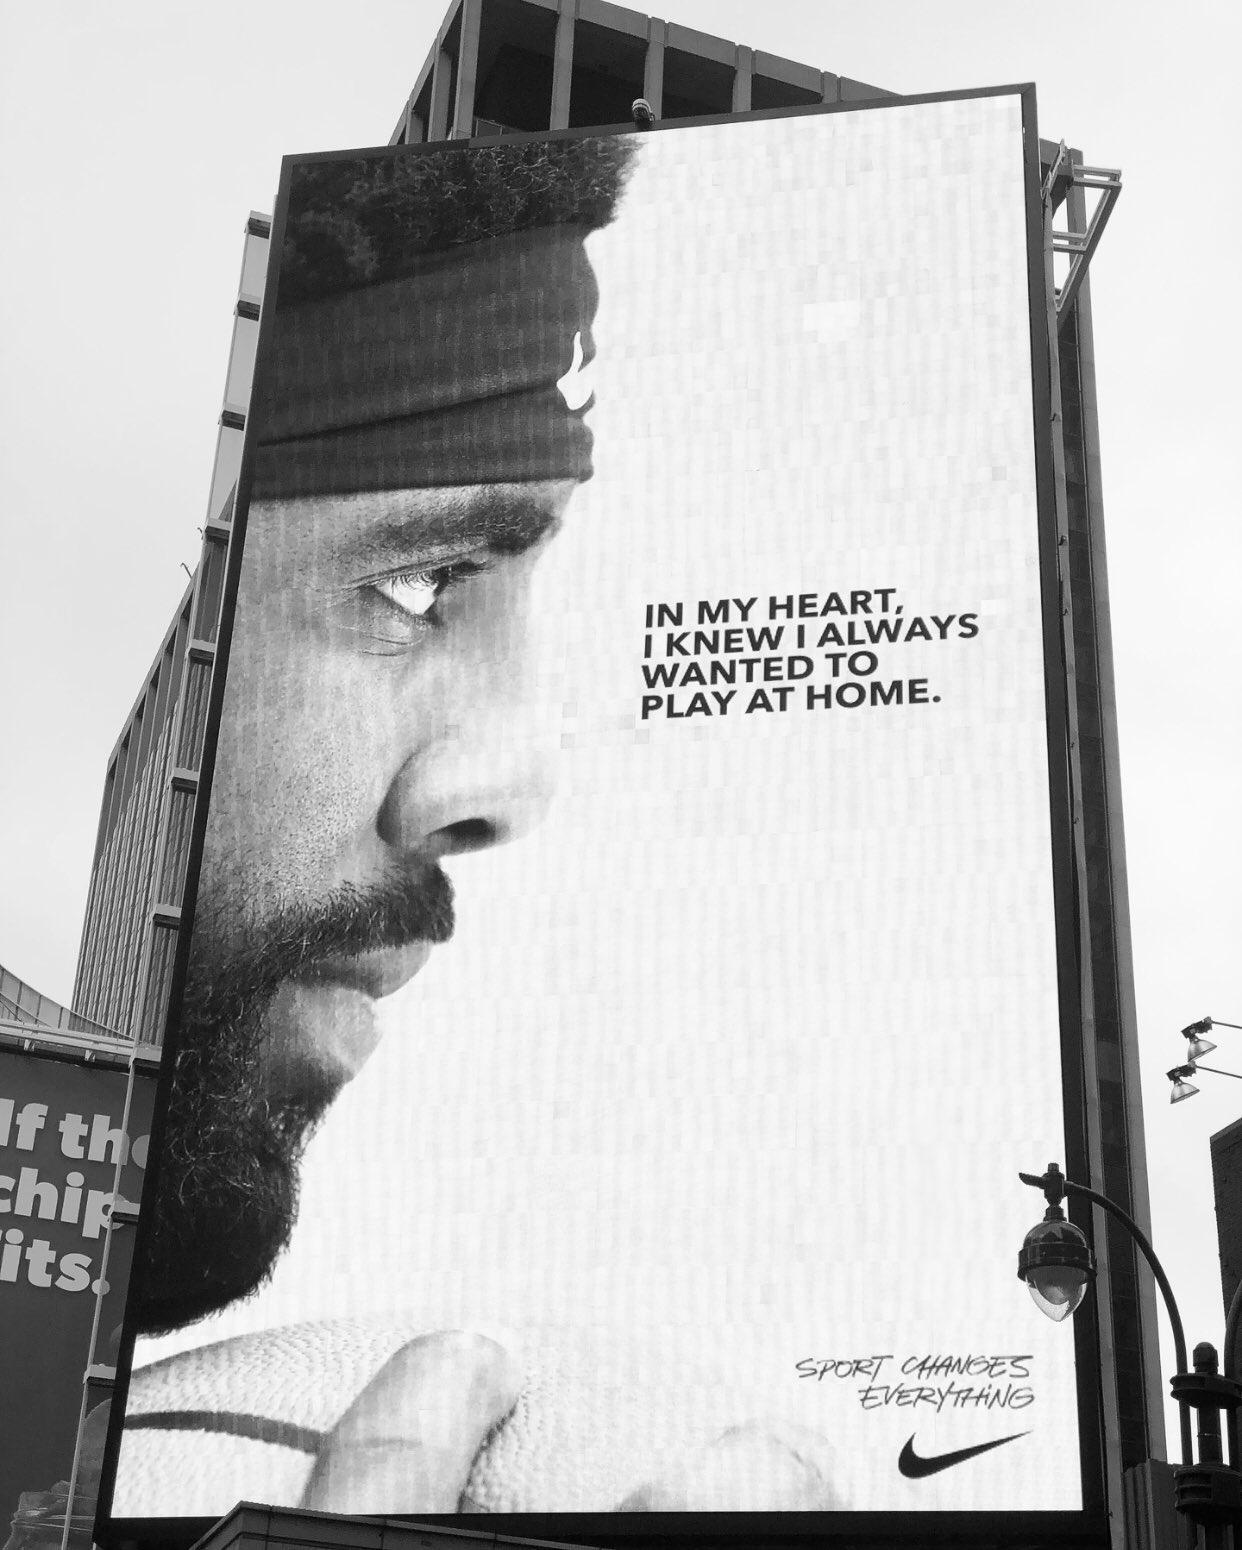 欧文的巨幅海报被置于尼克斯主场麦迪逊花园